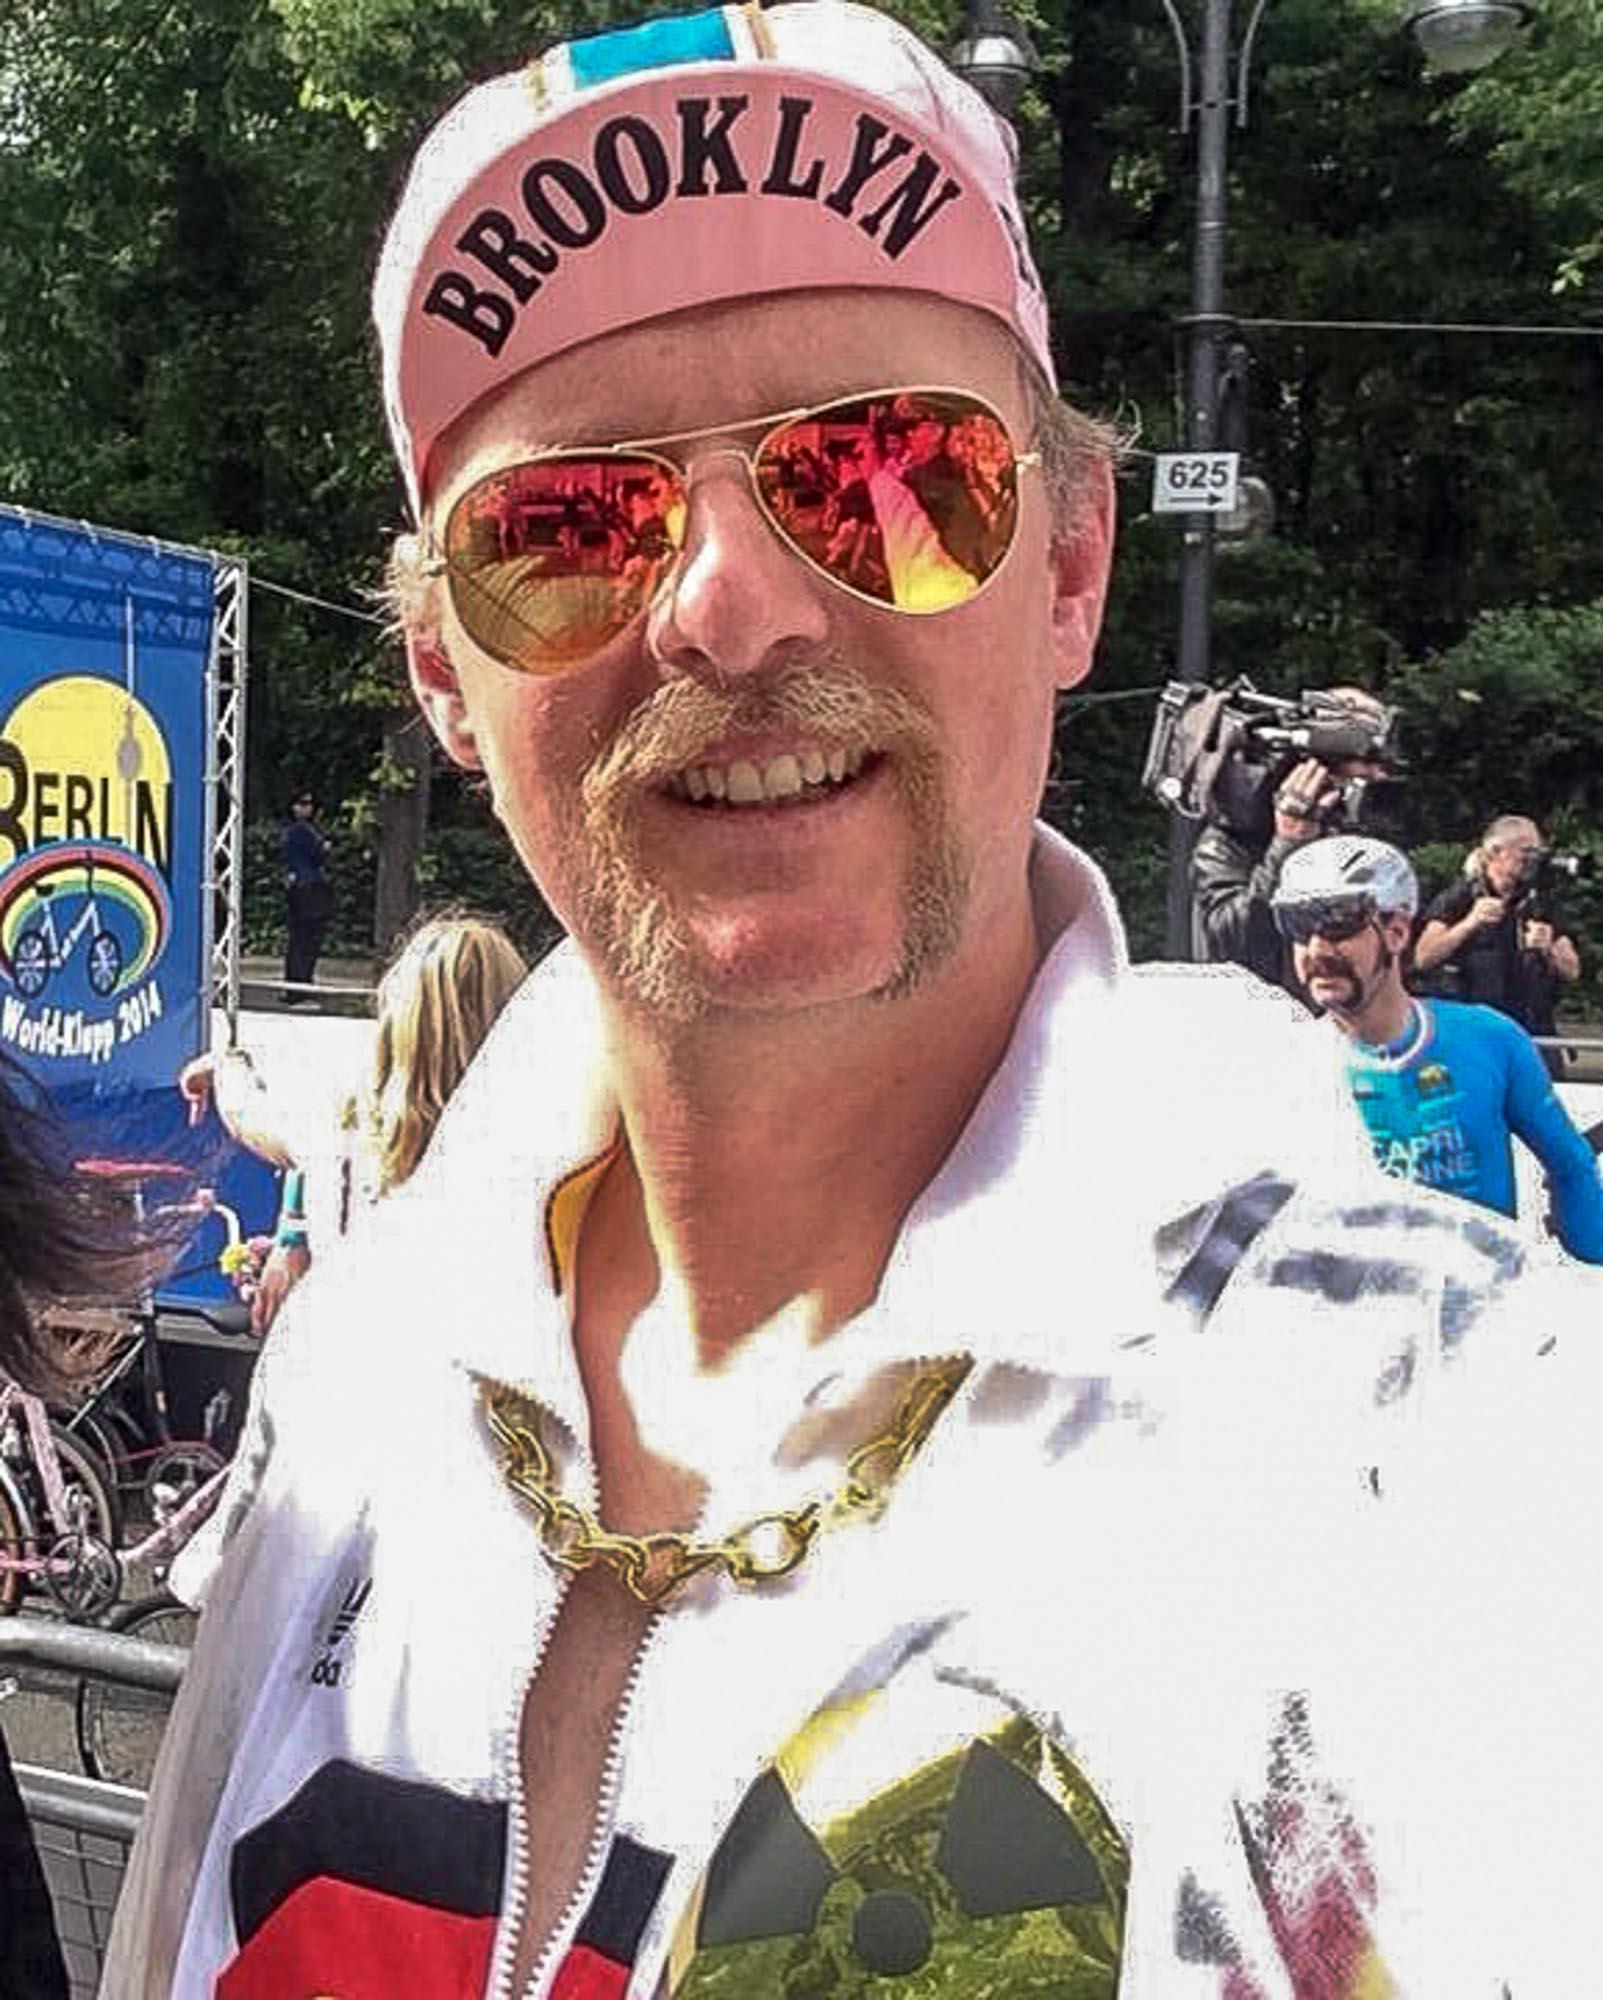 Jens Vögele mit Oberlippenbart bei der Teilnahme des World-Klapps in Berlin.